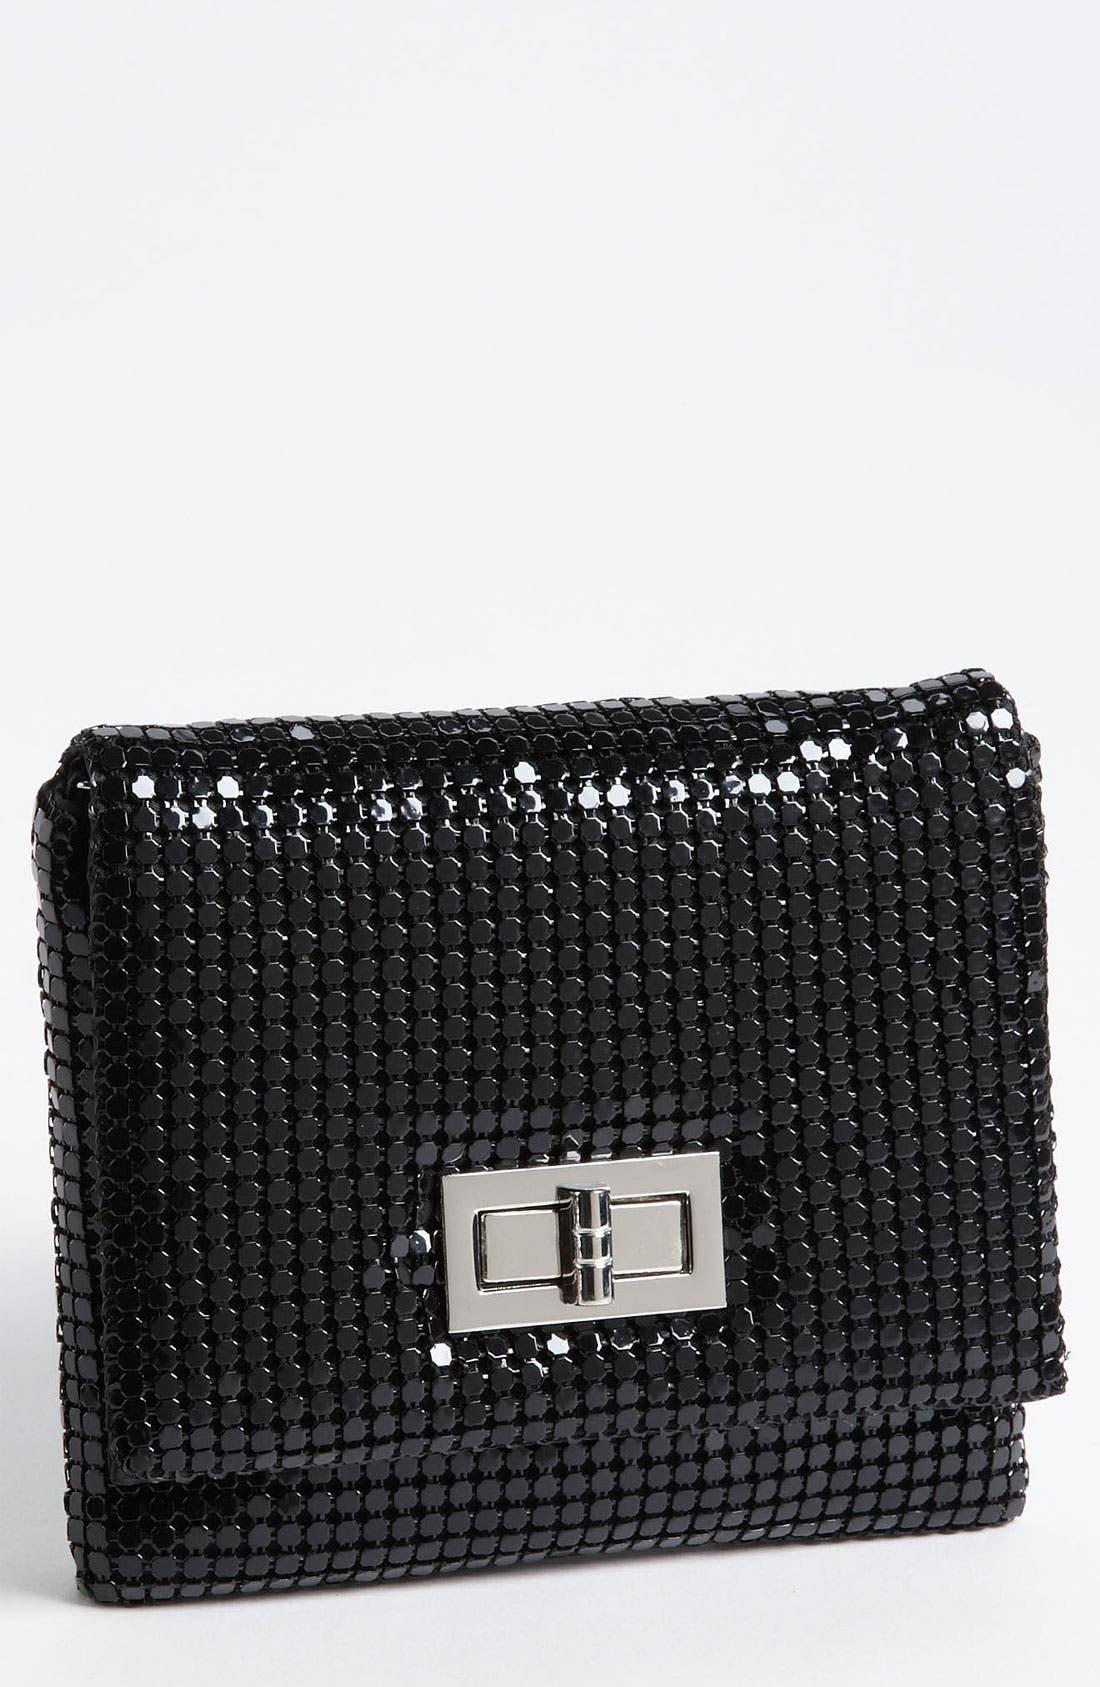 Alternate Image 1 Selected - Magid 'Mini' Turnlock Bag